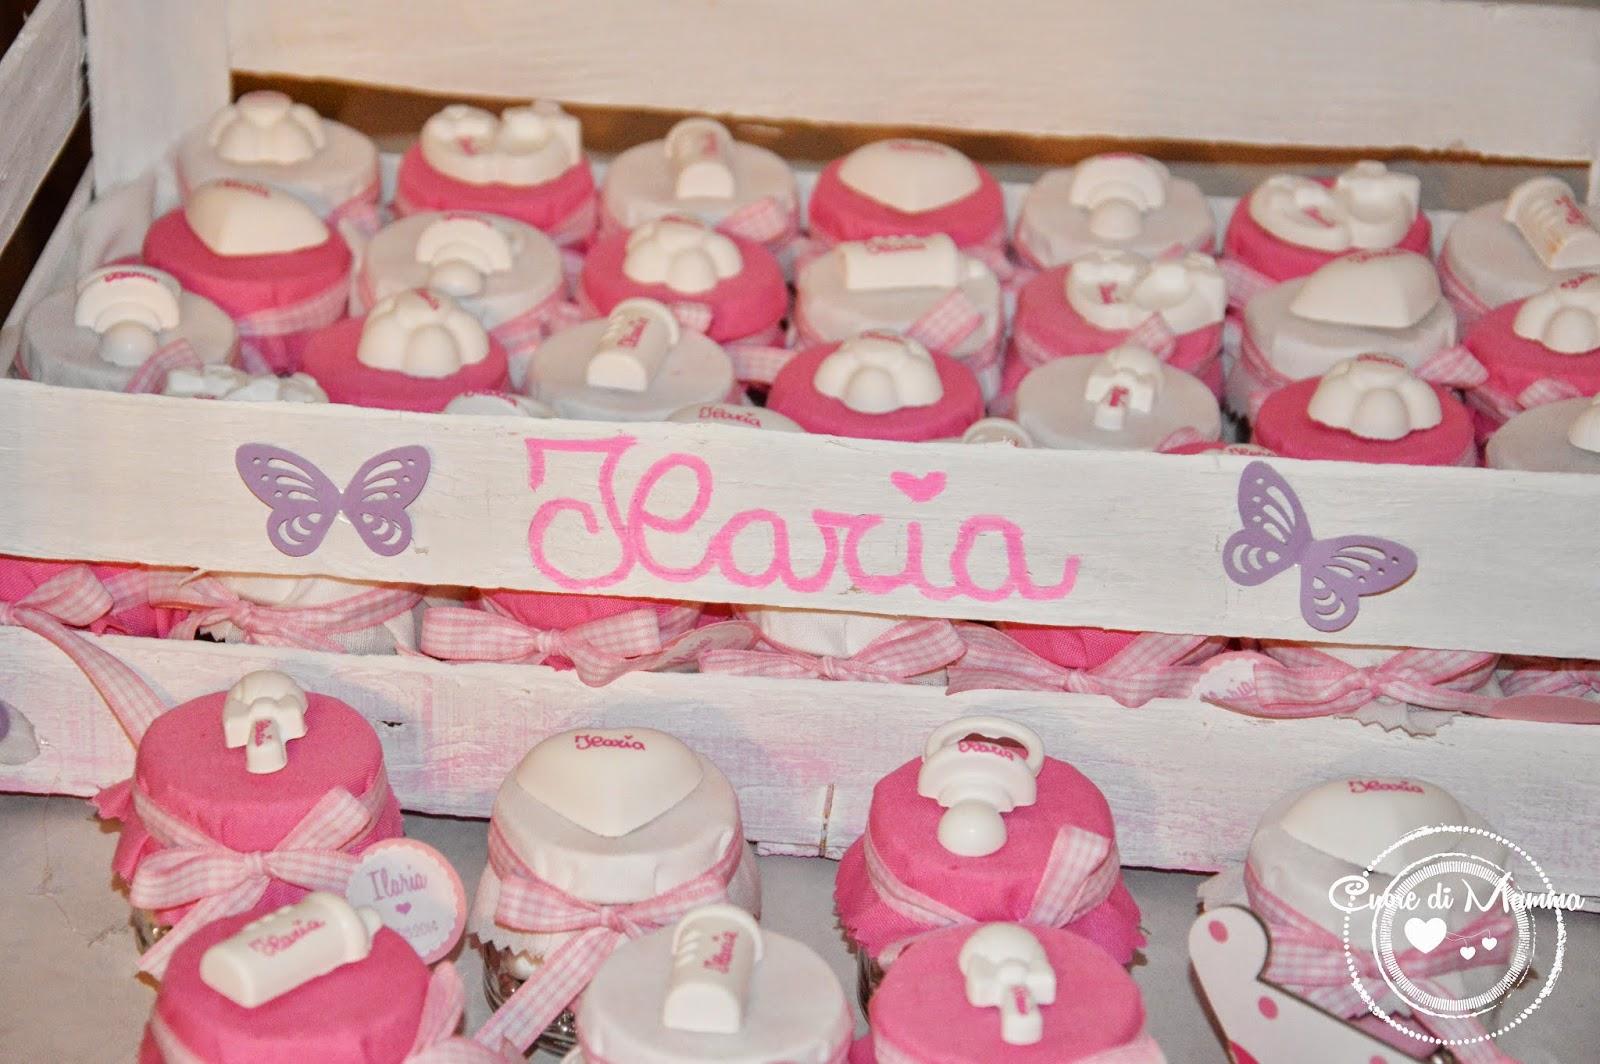 Bien-aimé Cuore di mamma: Un battesimo in bianco e rosa RH76